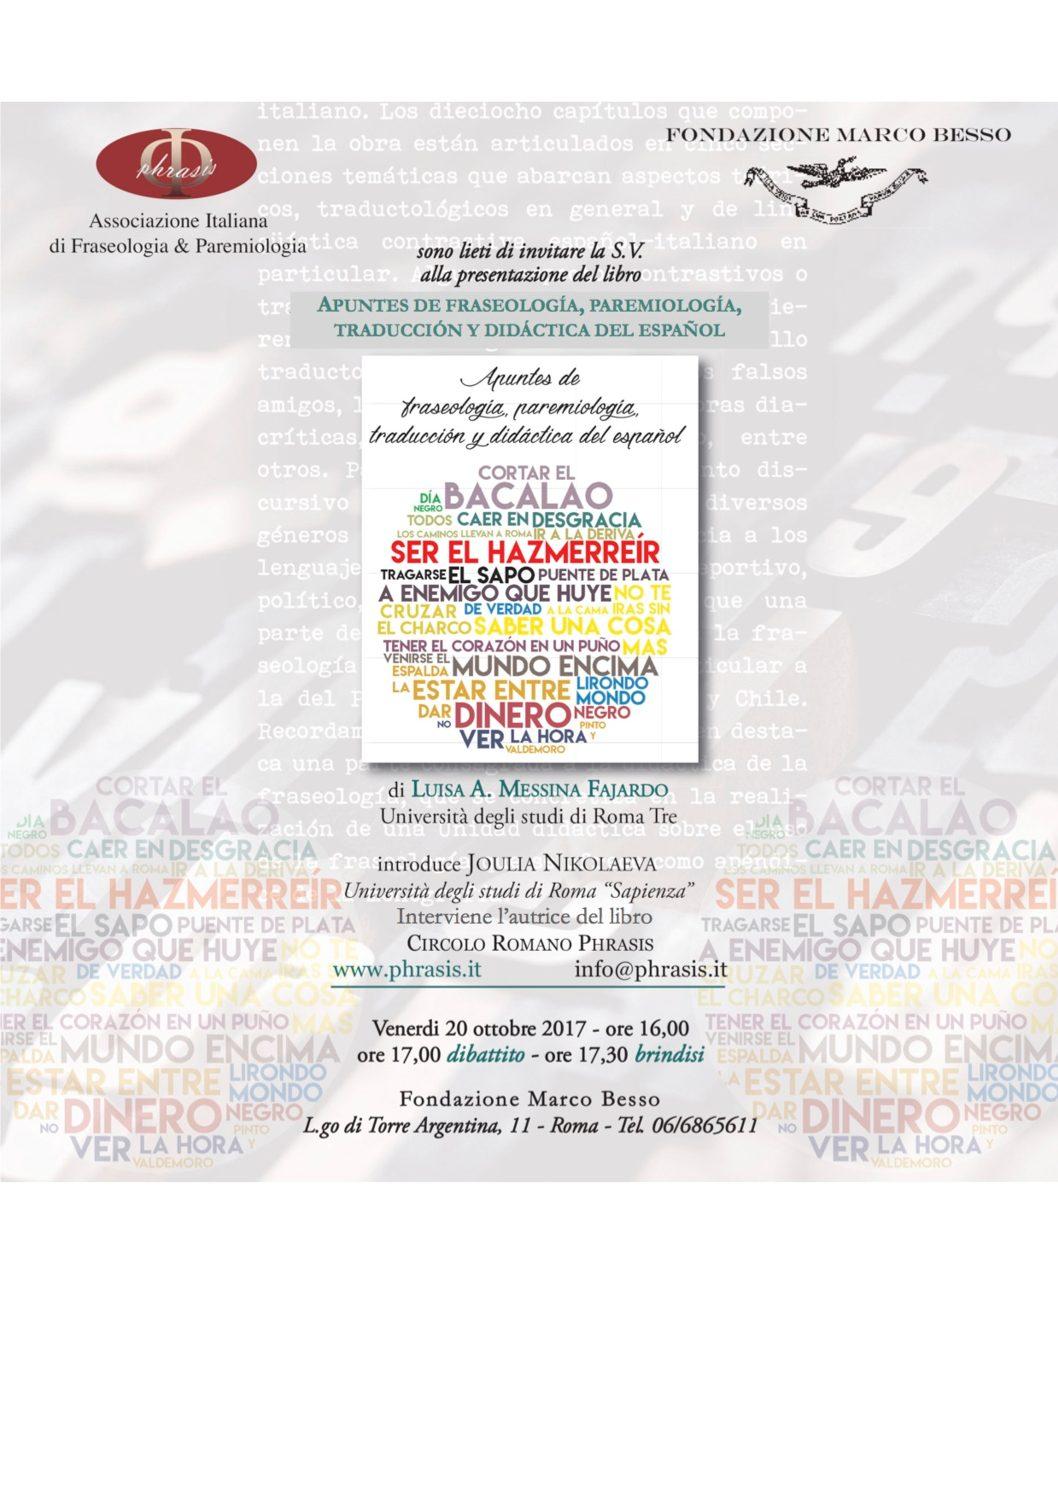 Circolo romano Phrasis-Presentazione del libro Apuntes de fraseología, paremiología, traducción y didáctica del española cura di Luisa Messina